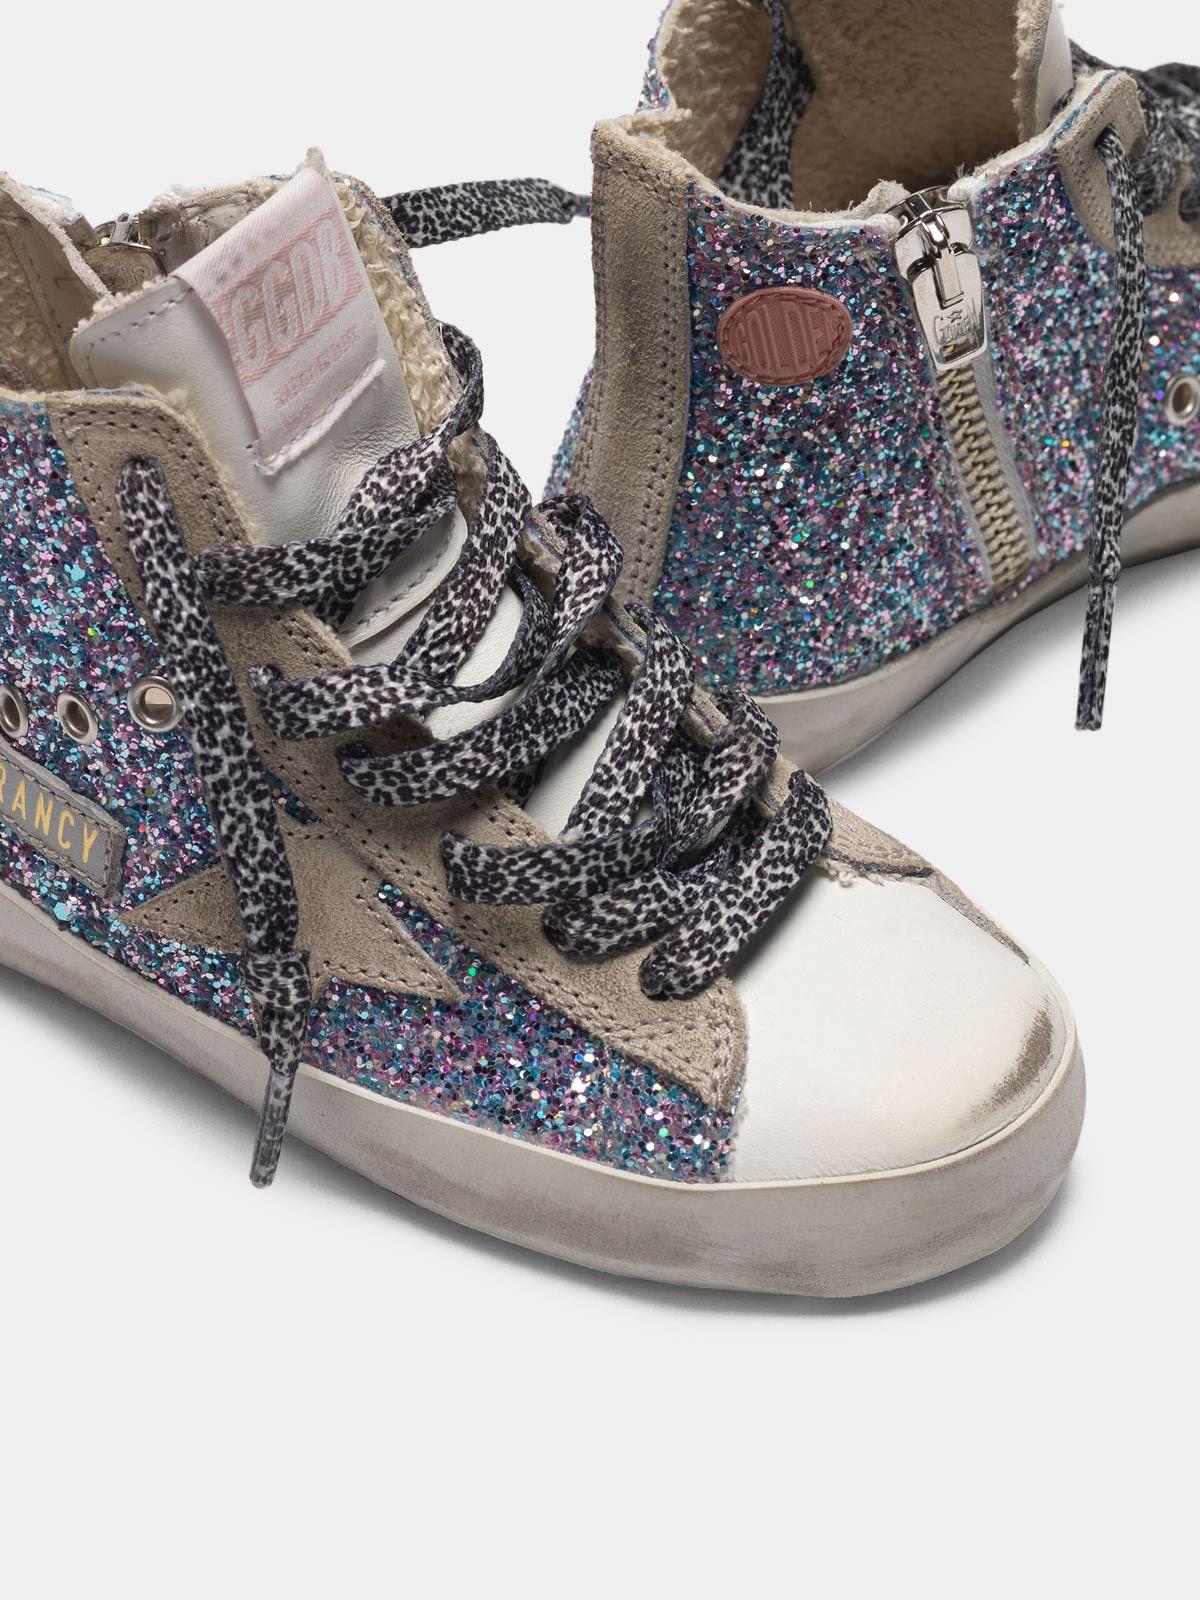 Golden Goose - Zapatillas deportivas Francy blancas de piel y purpurina multicolor in